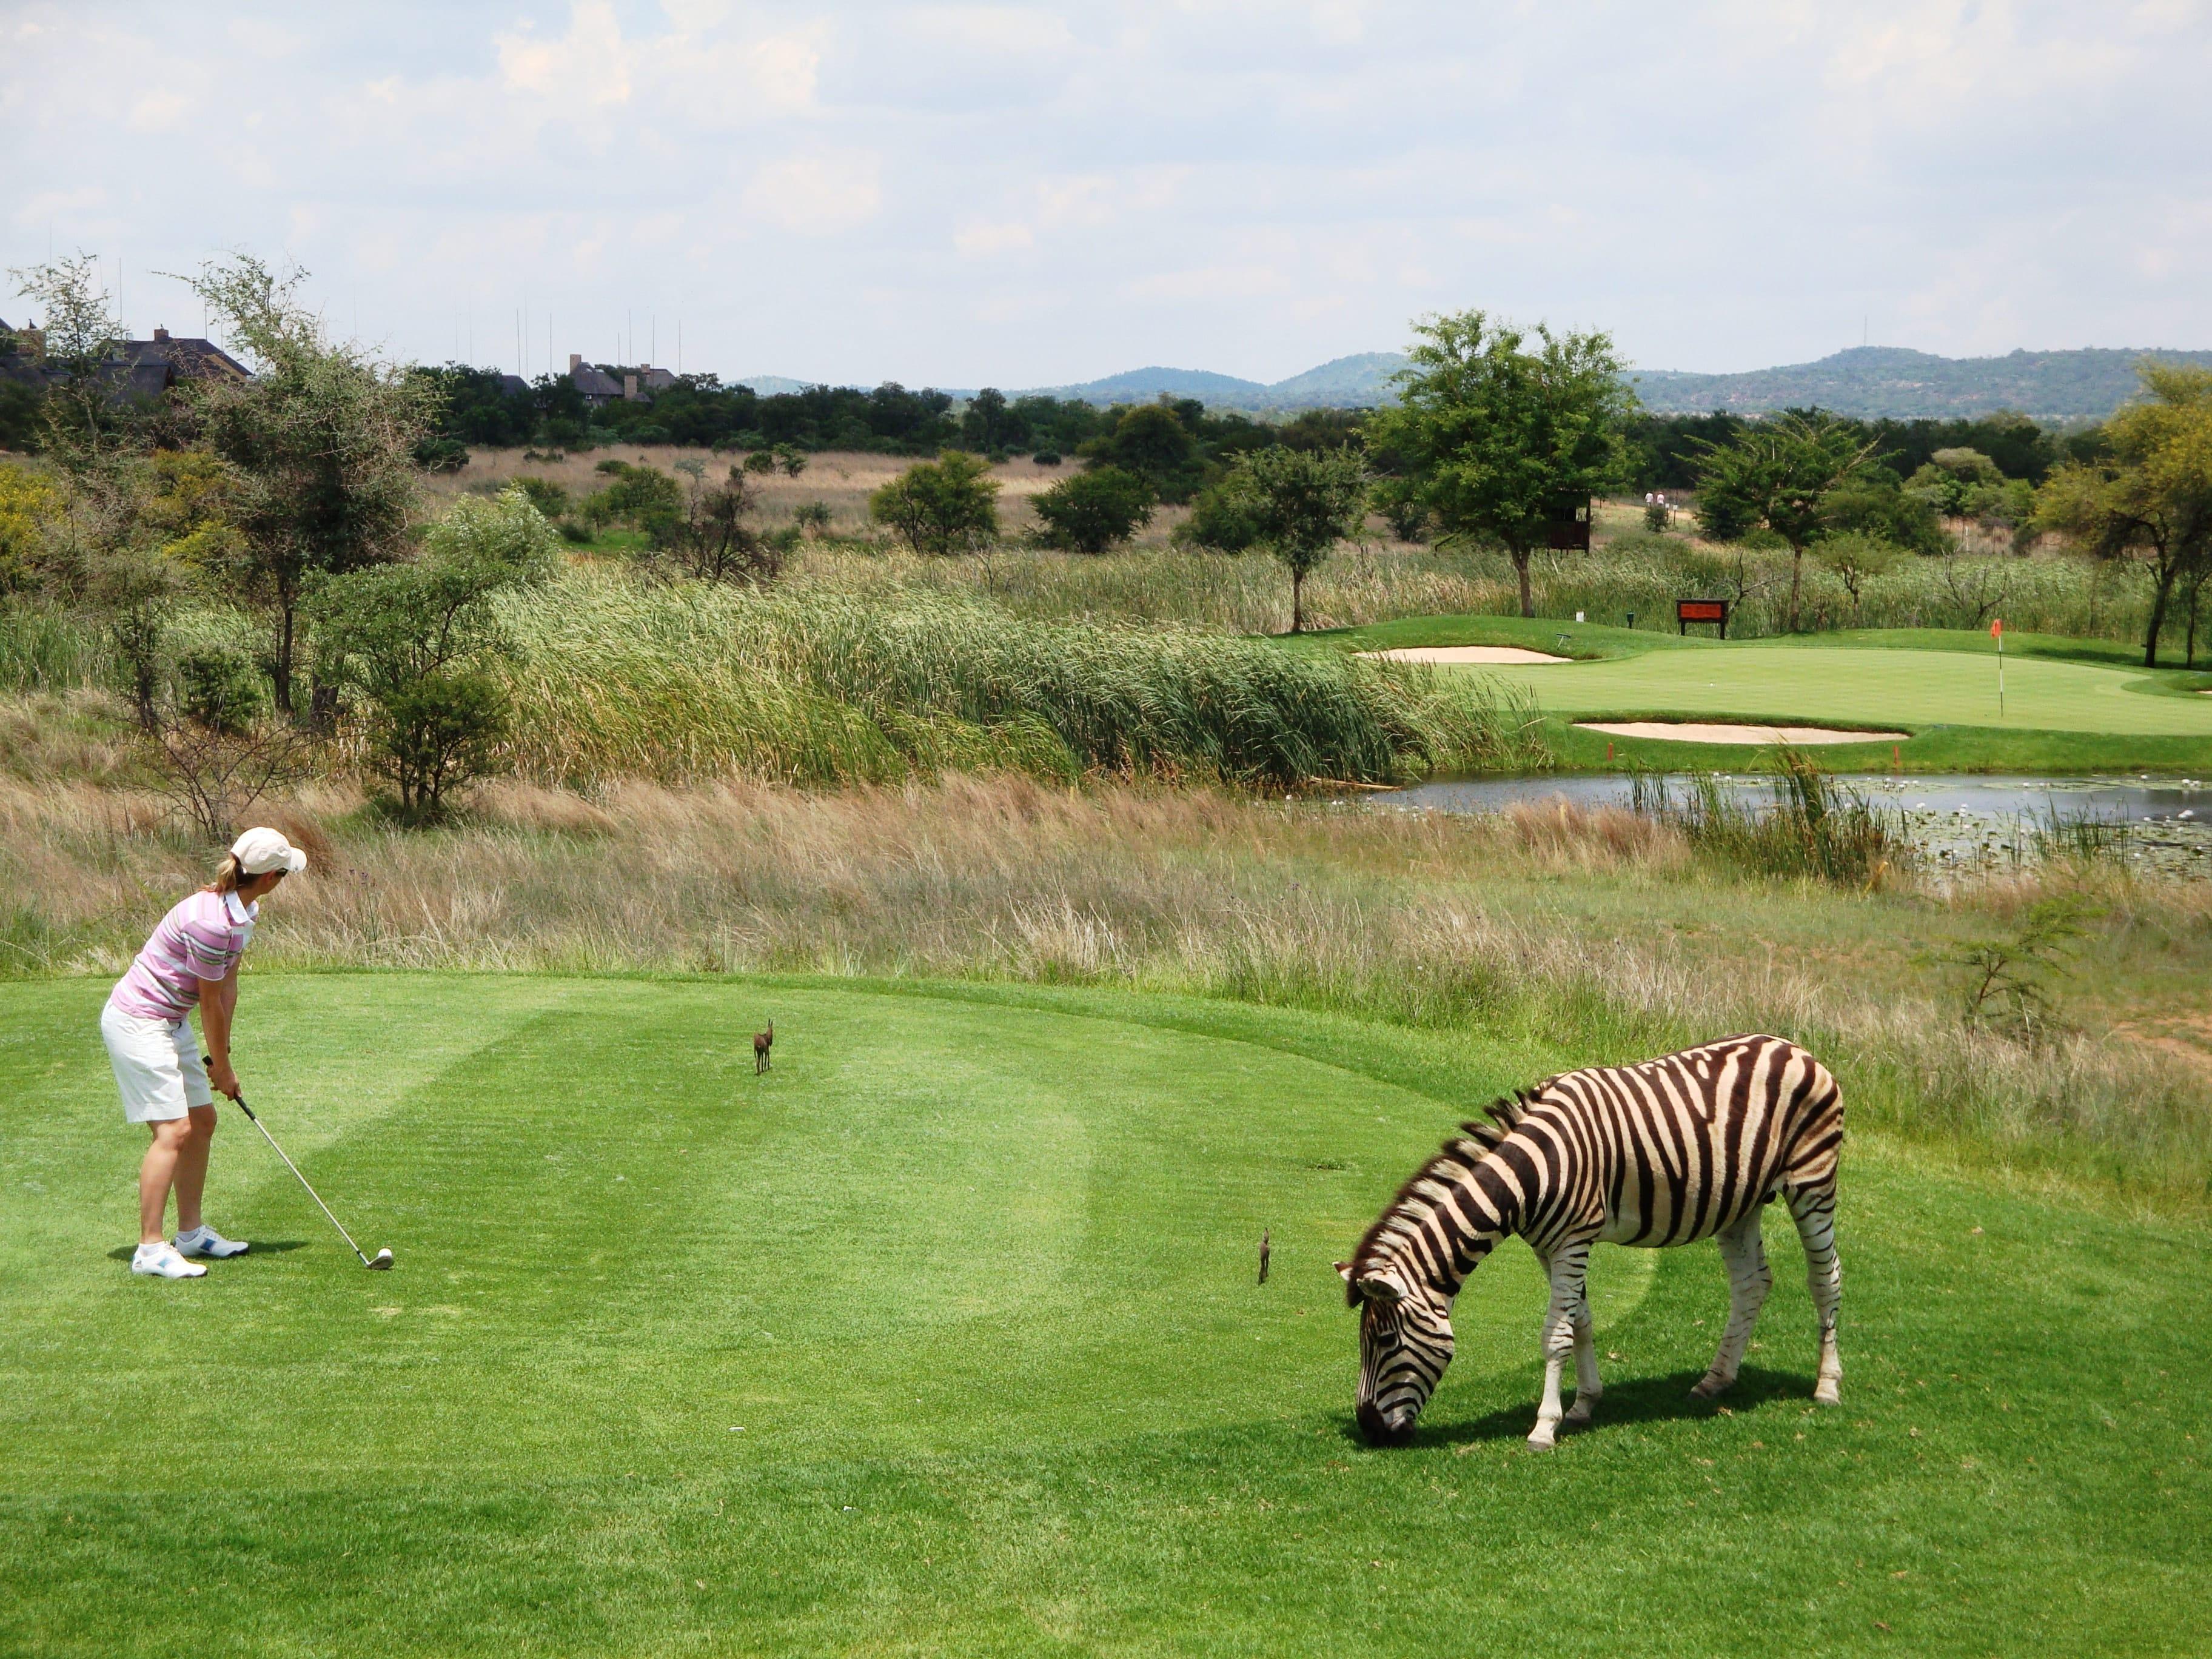 sport-golf-zebre-afrique-du-sud-decouverte